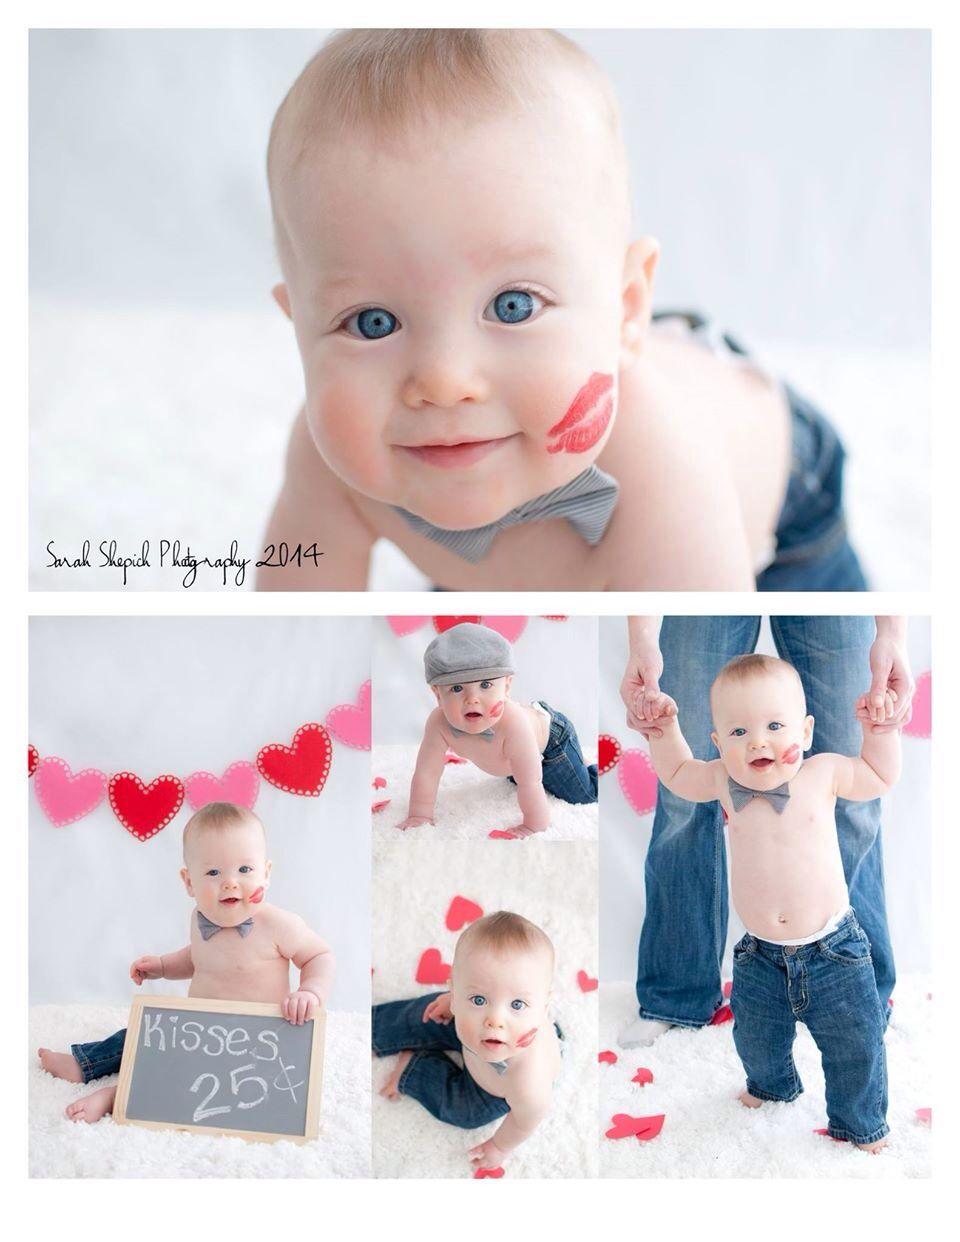 9 month old Valentine